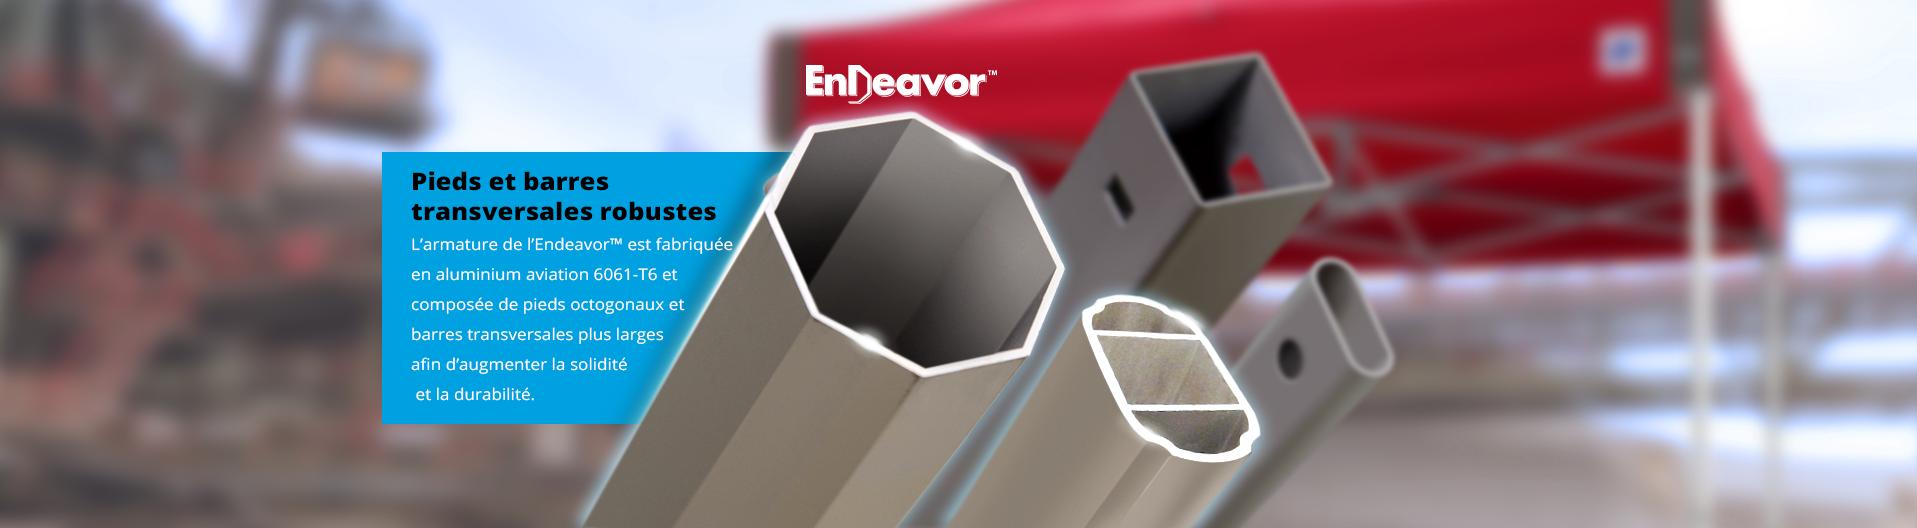 E-Z UP Endeavor